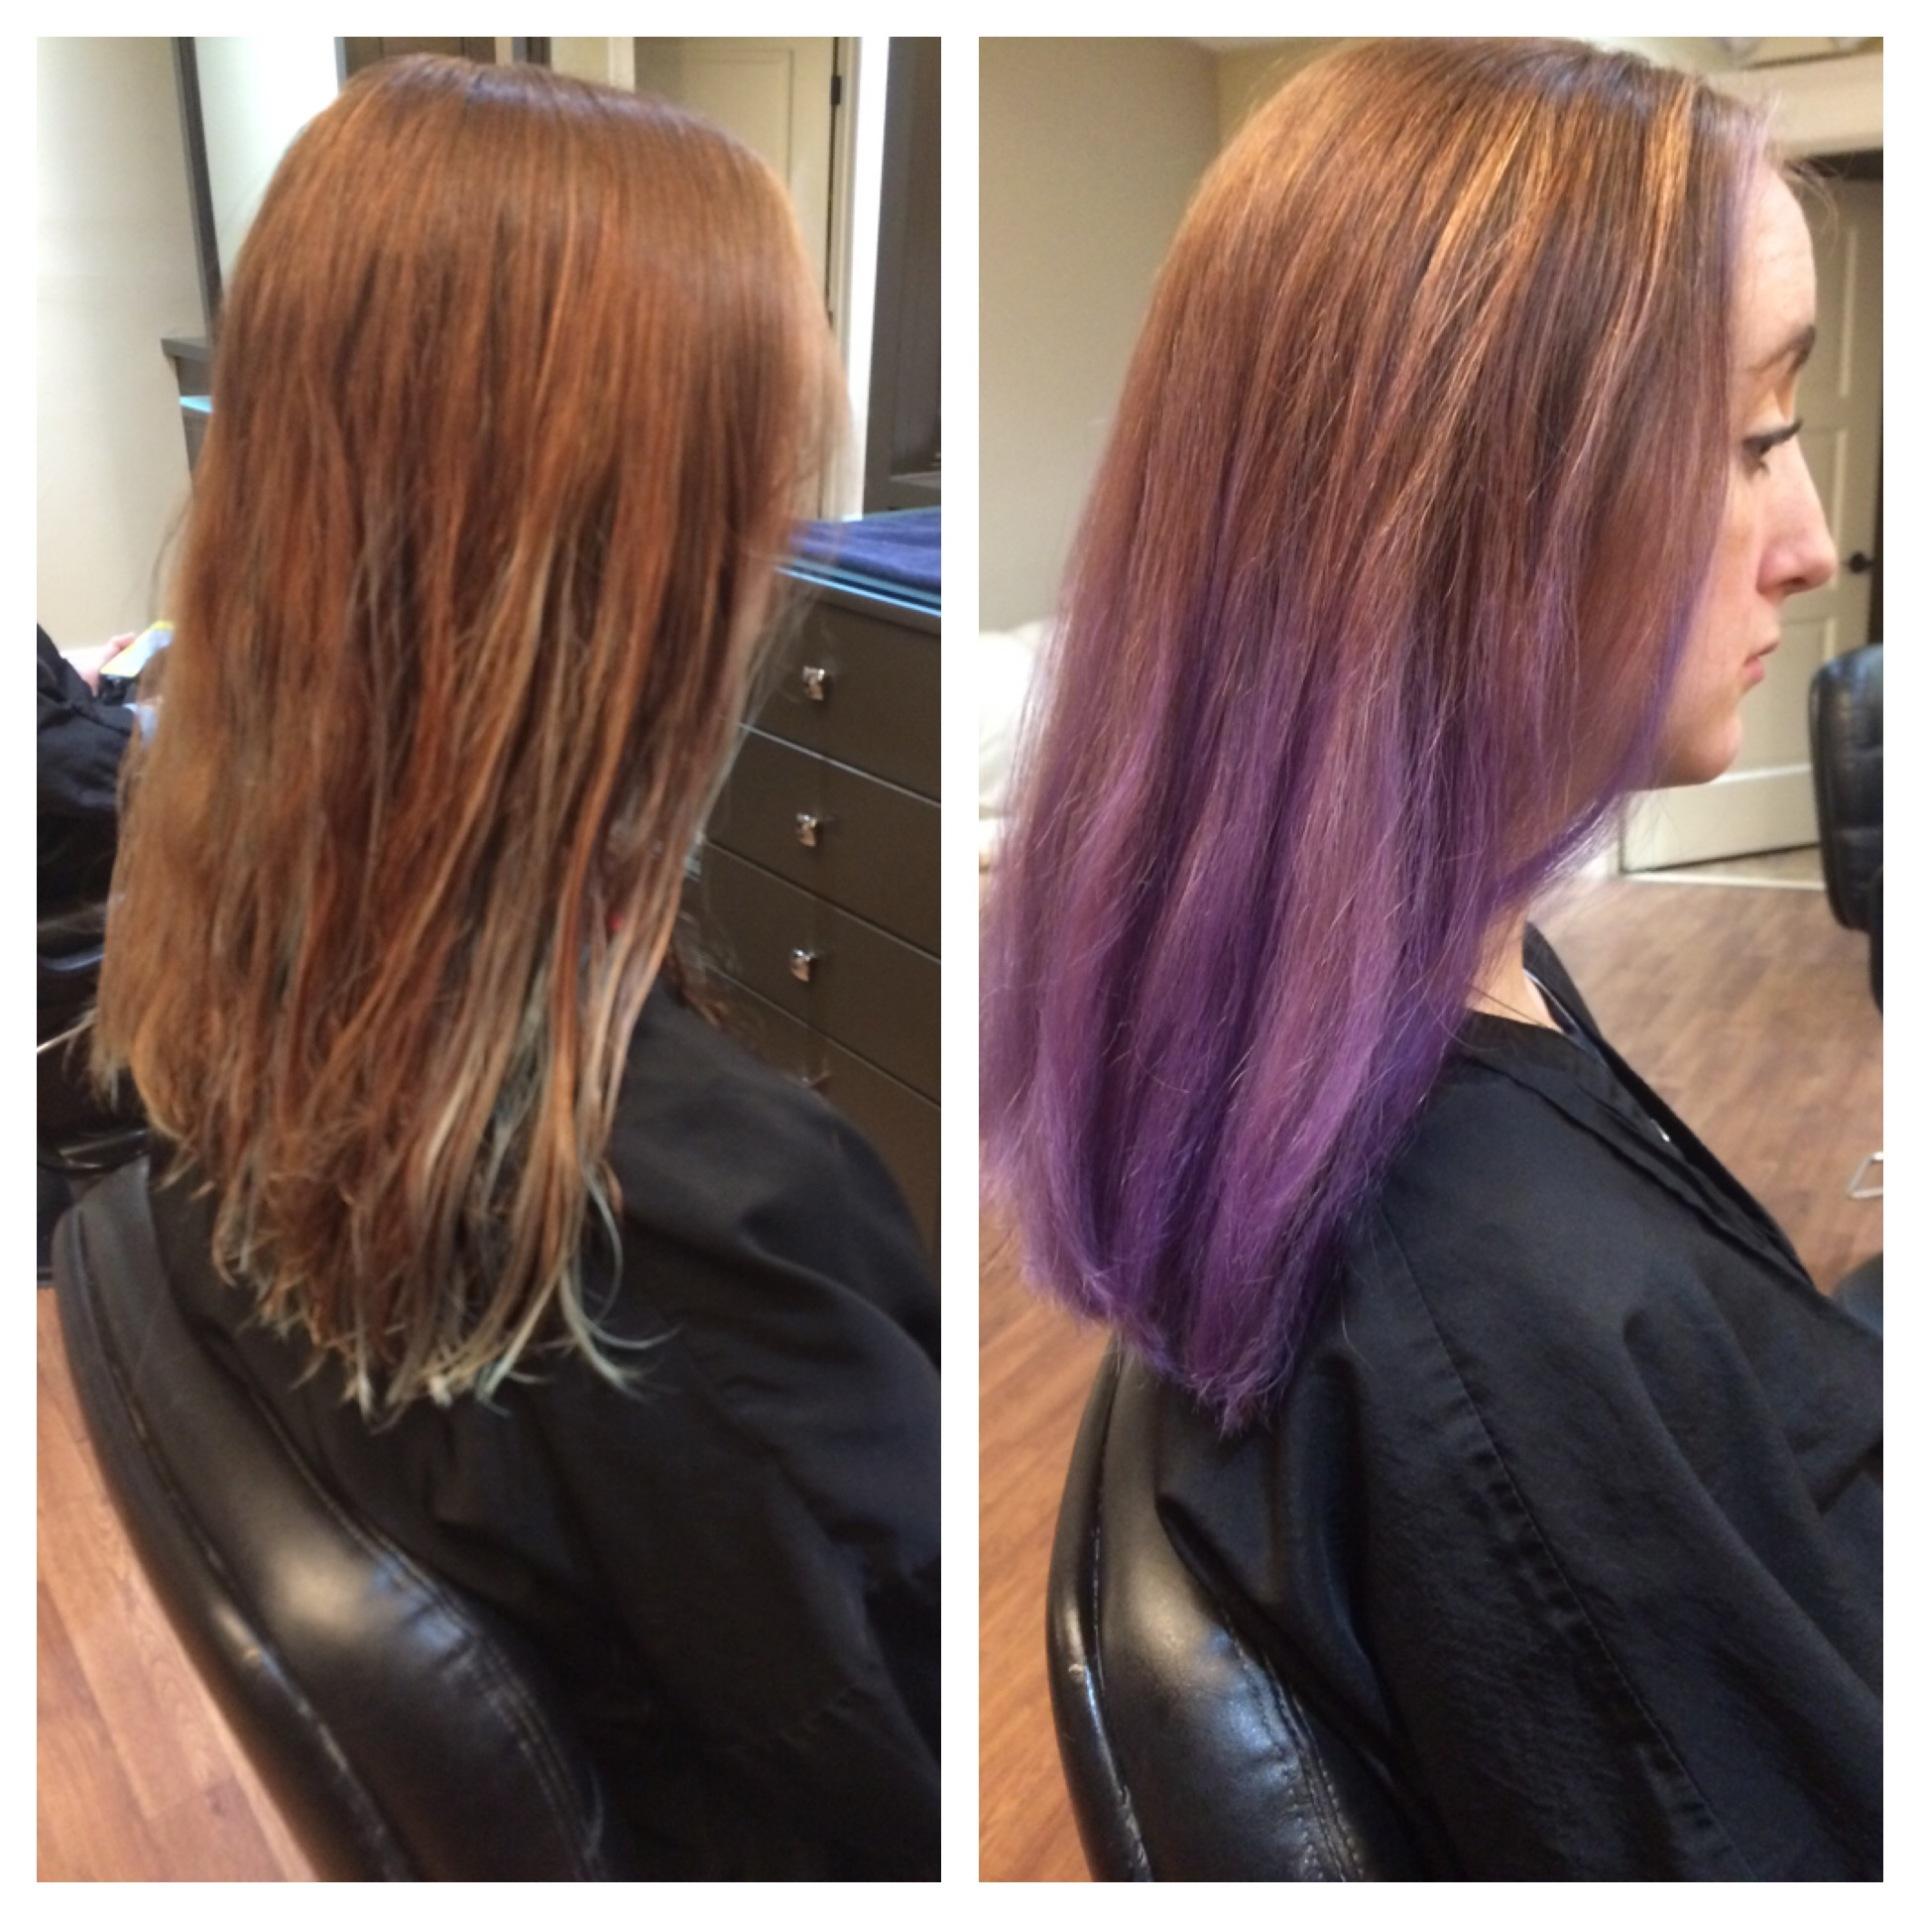 Hair by Sarah O.